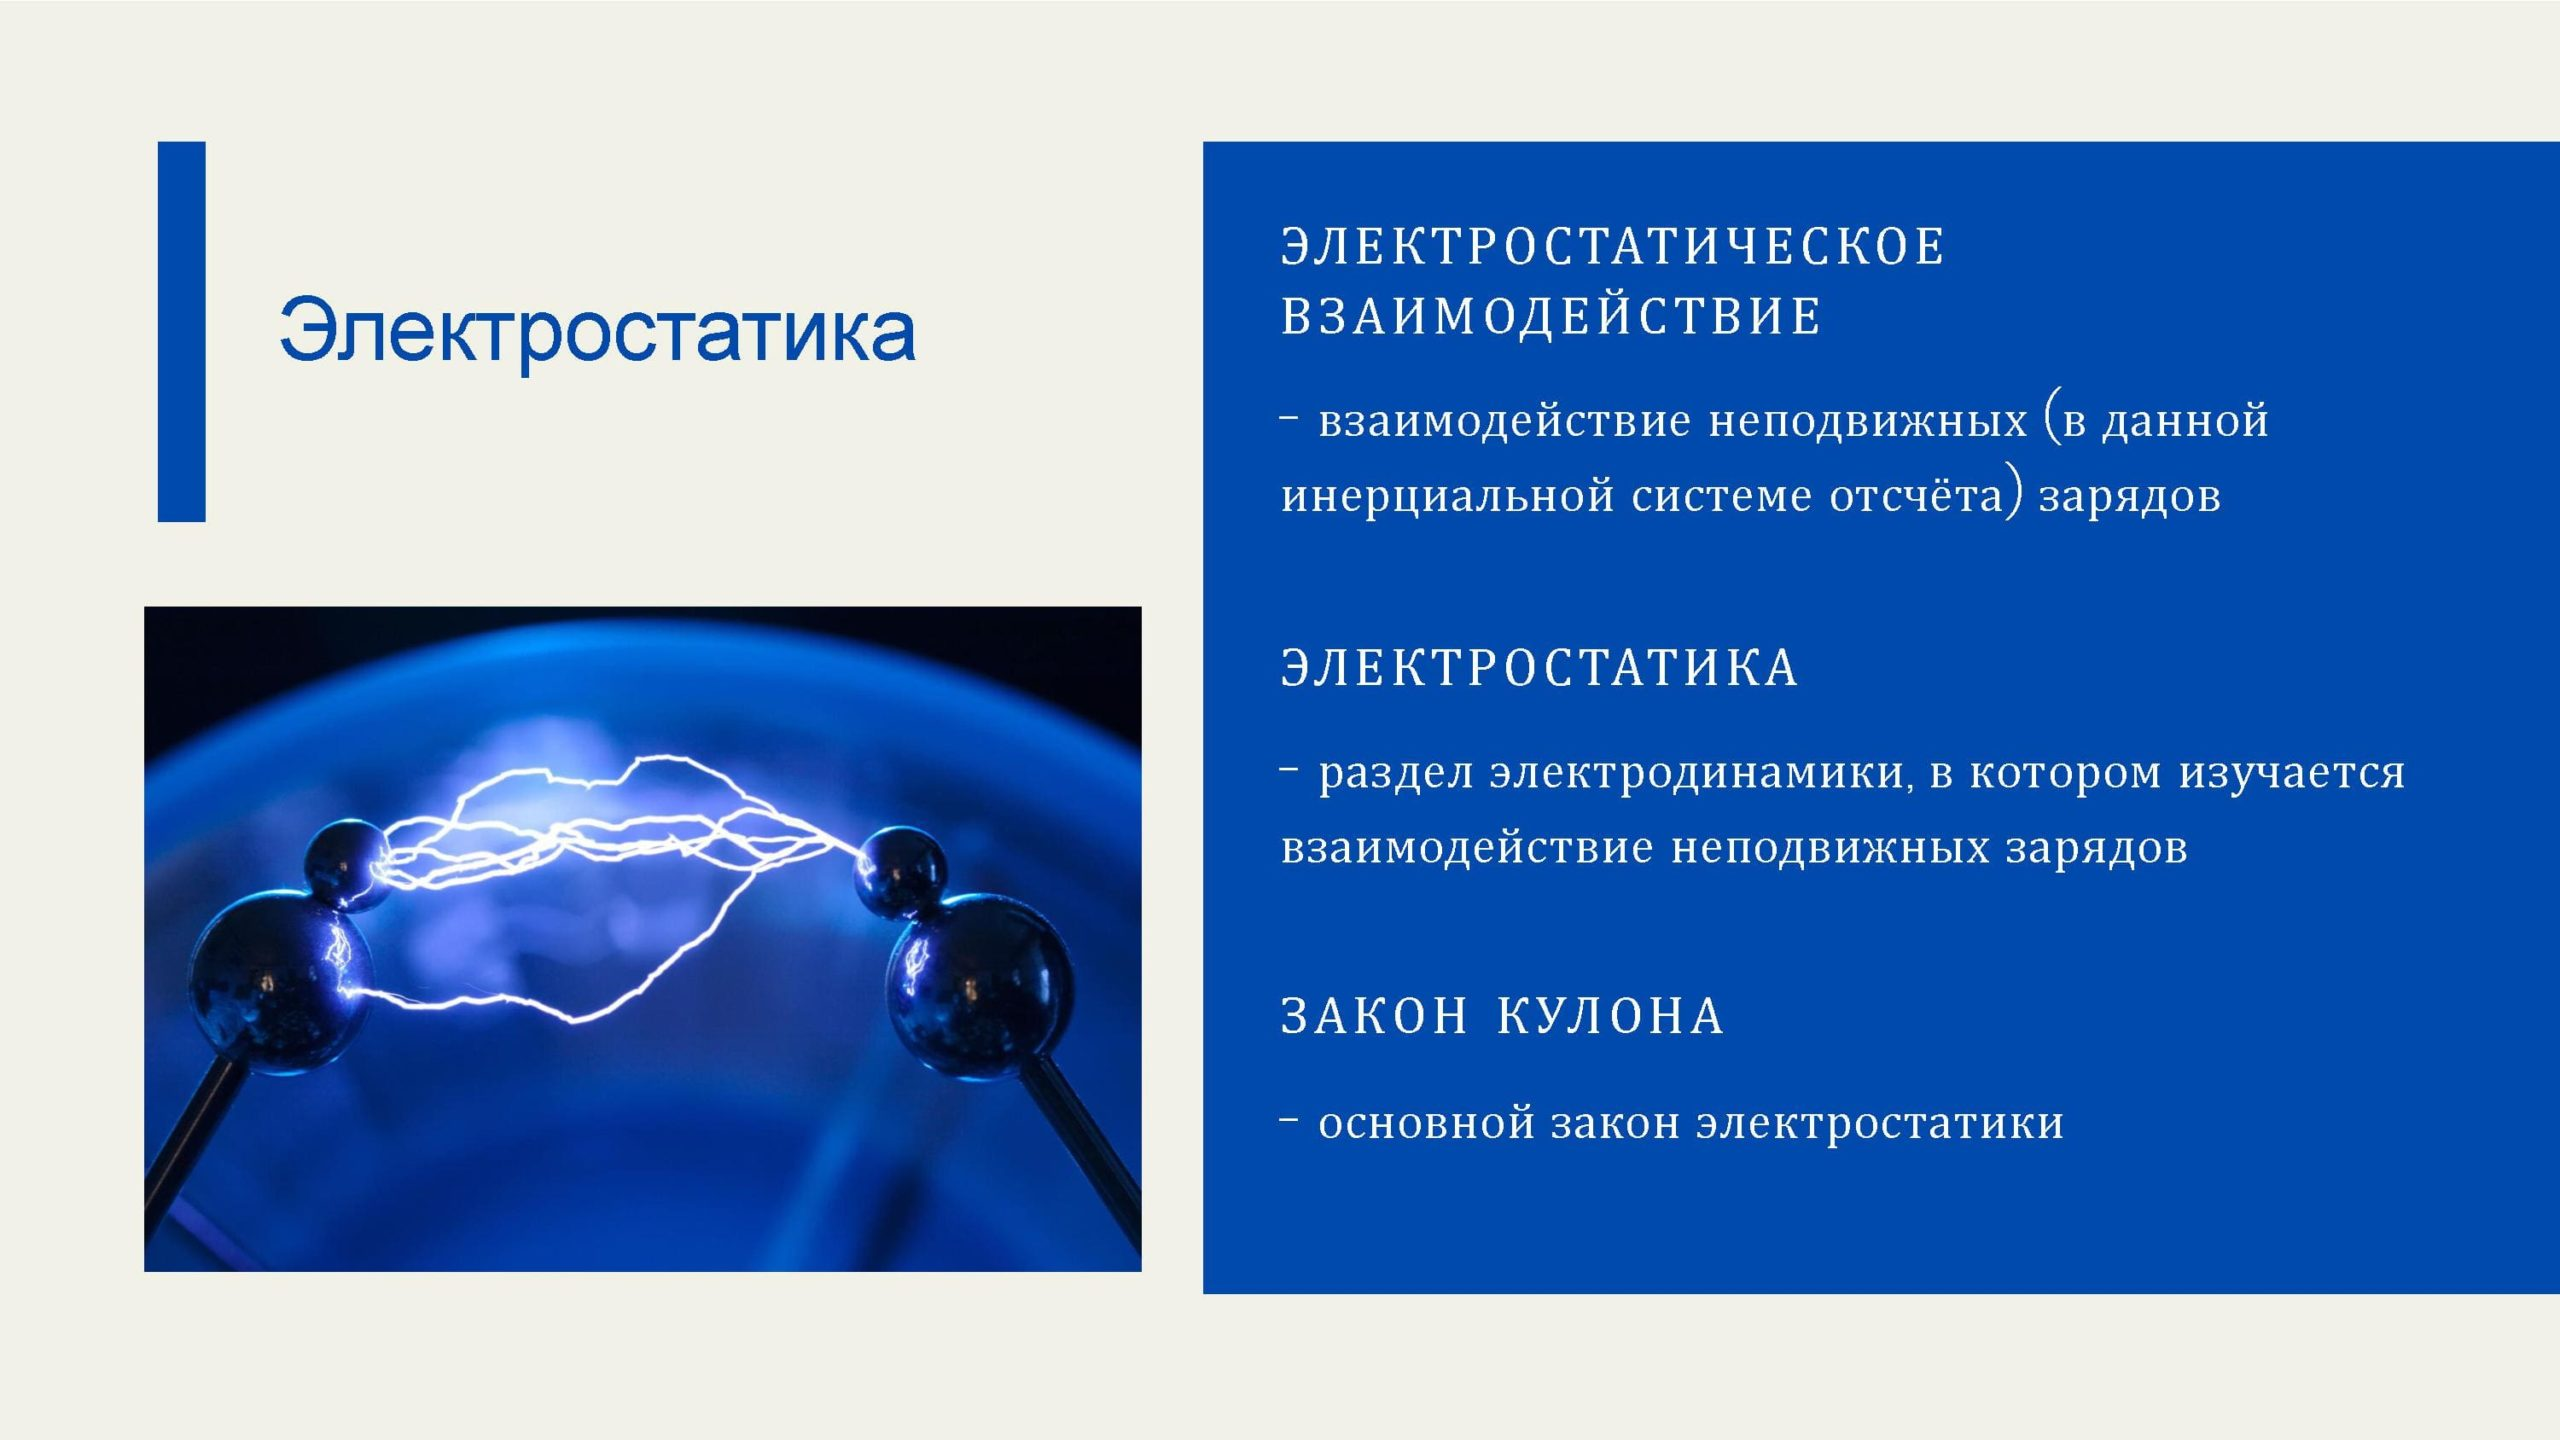 Электростатика. Электростатическое взаимодействие